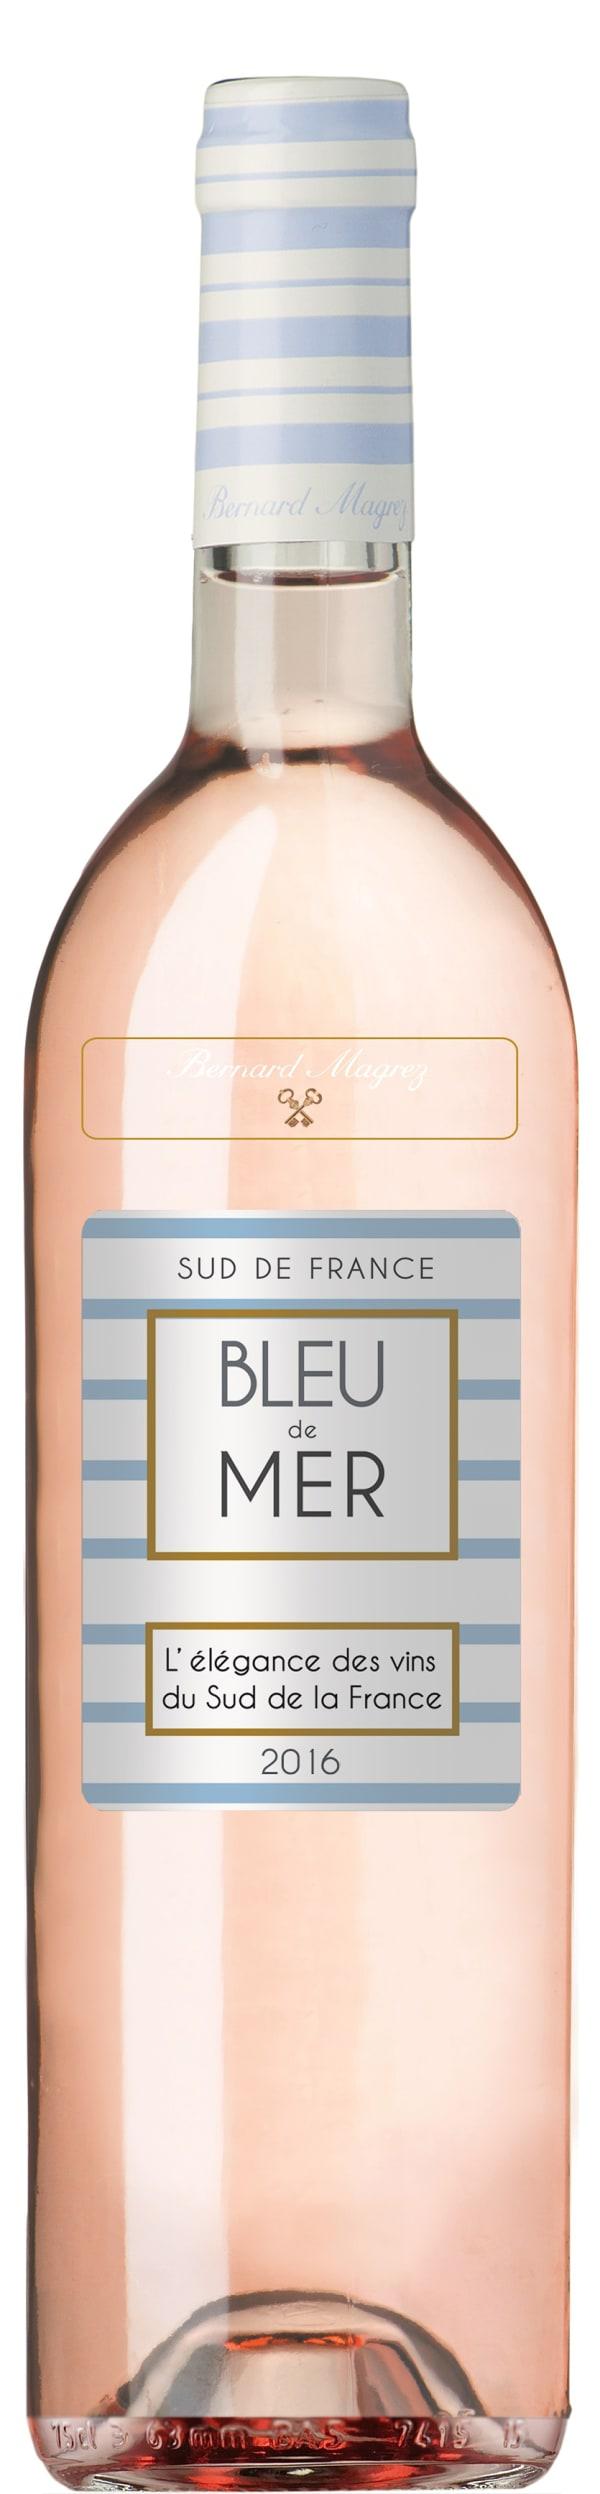 Bleu de Mer Rosé 2016